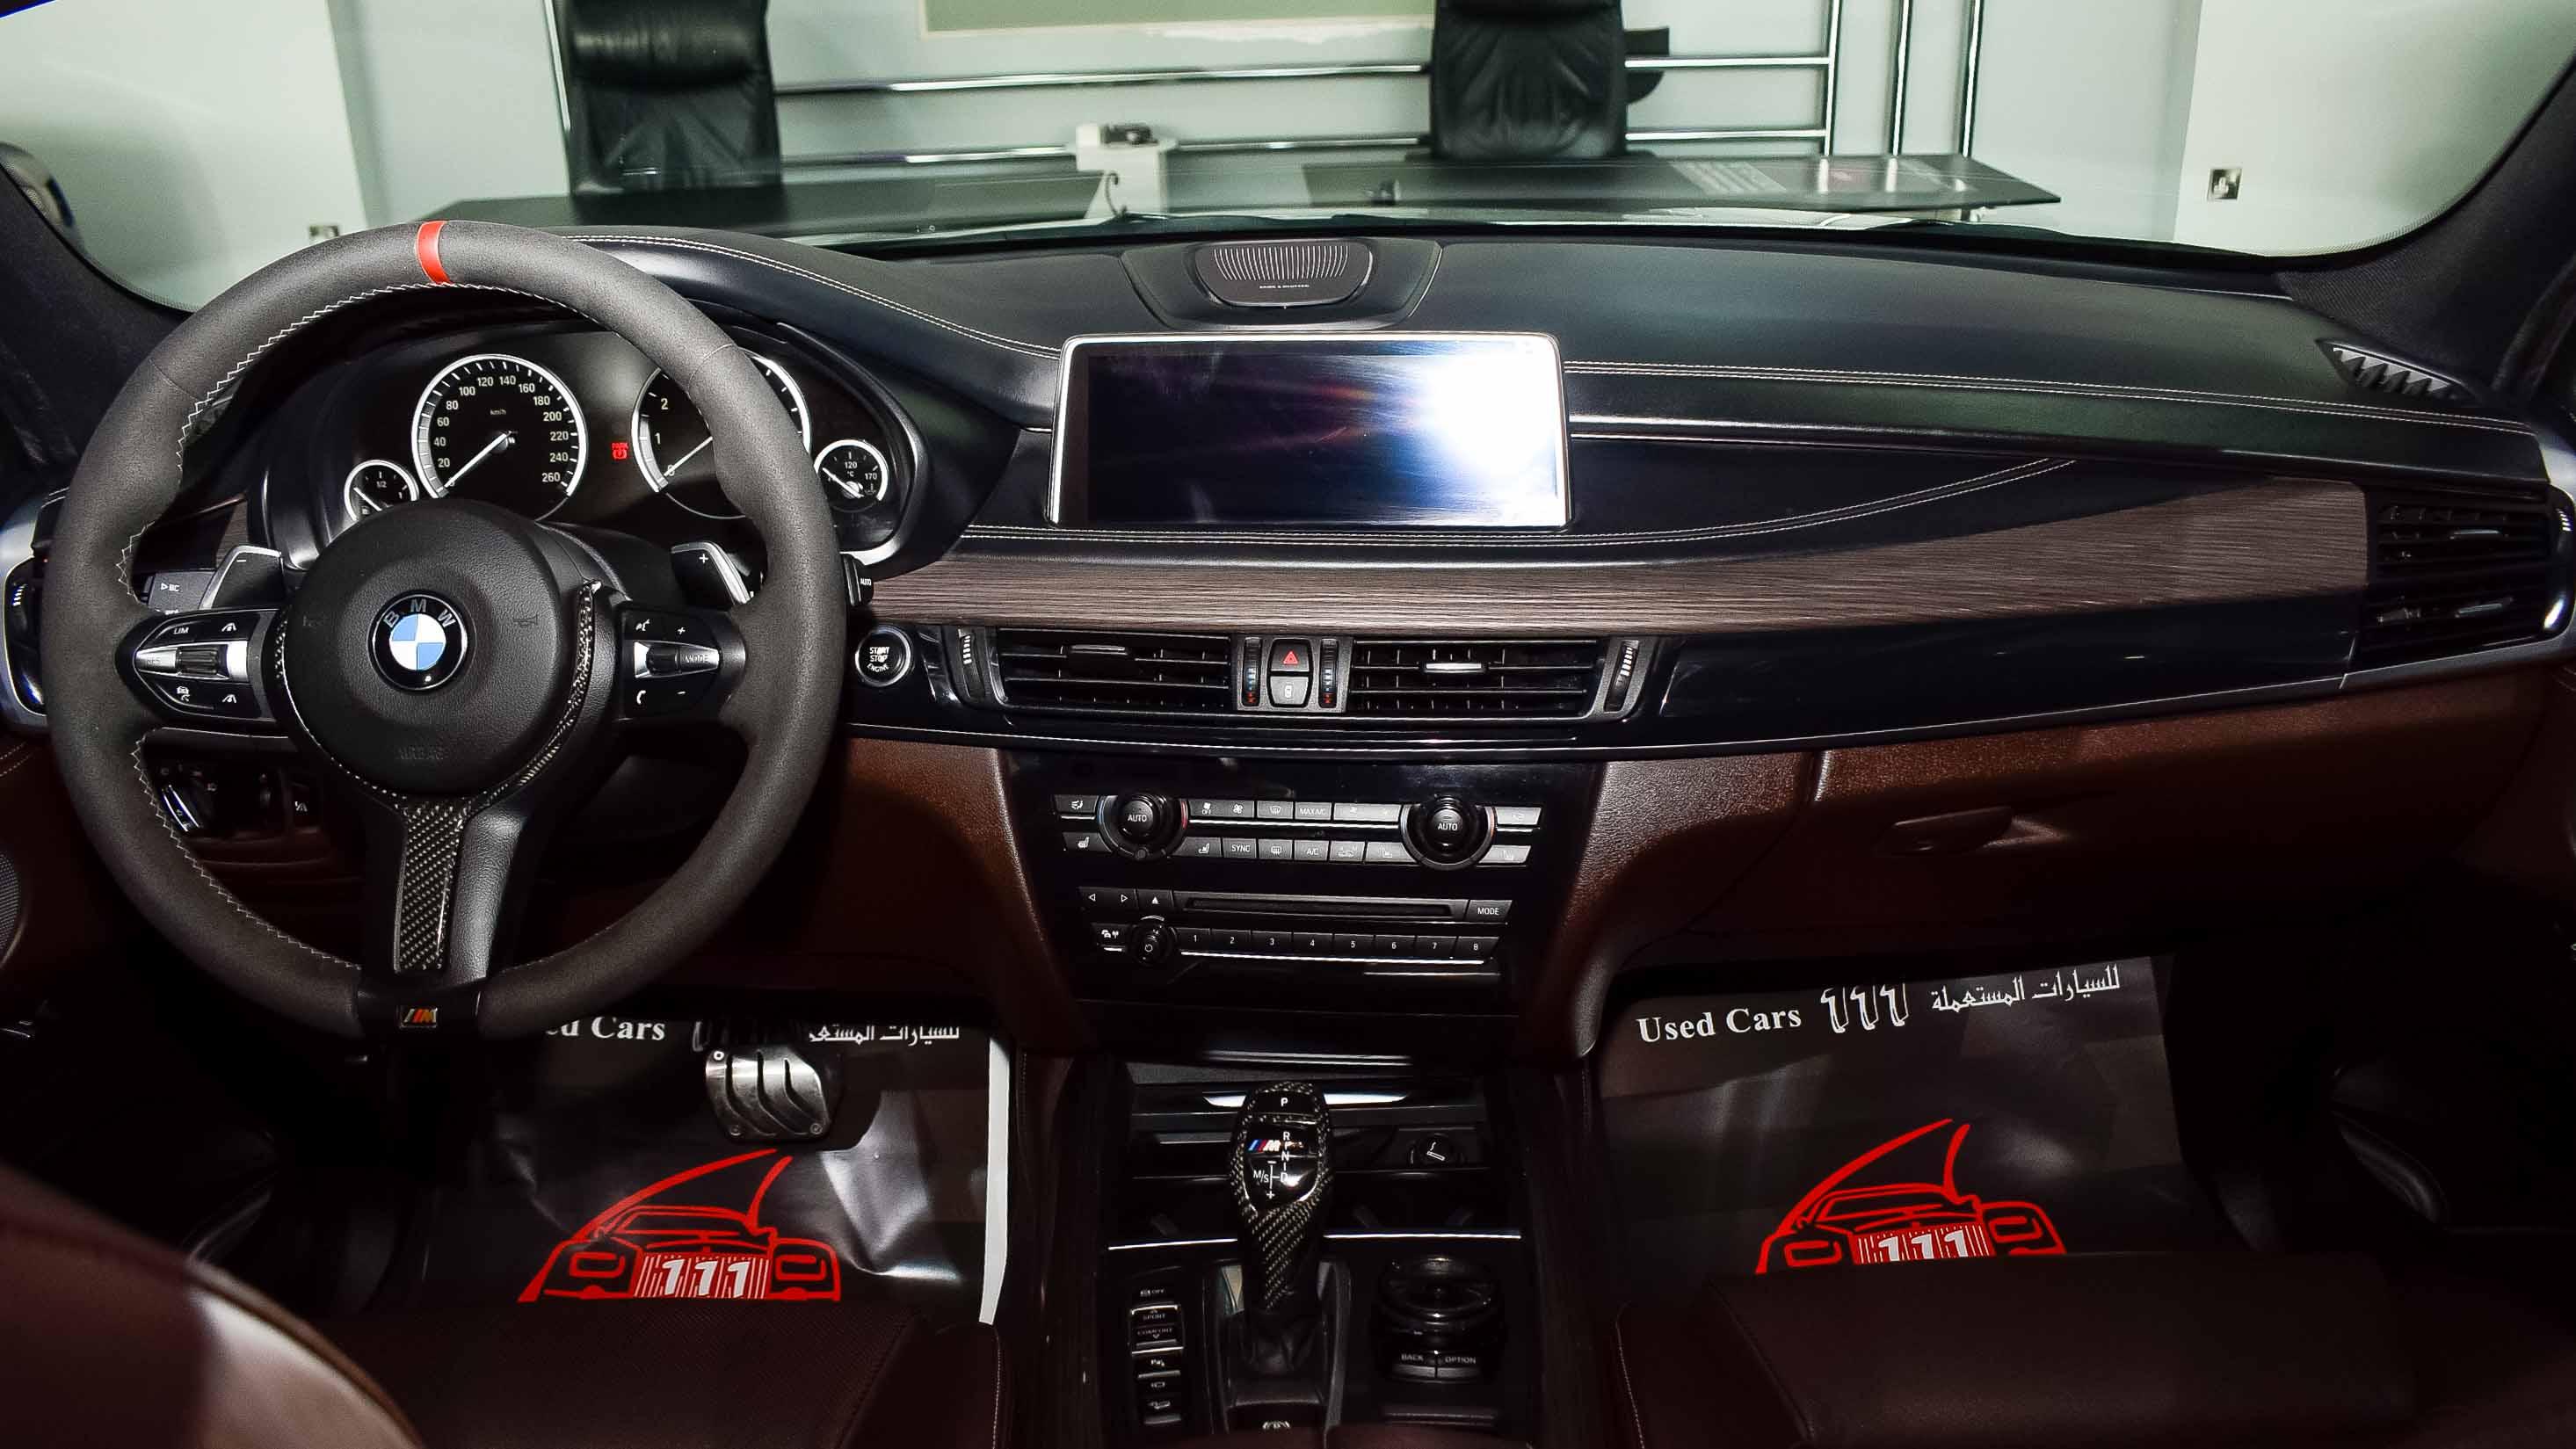 2014-BMW-X5-xDrive50i-M-Performance-White-Tan-GCC-06.jpg